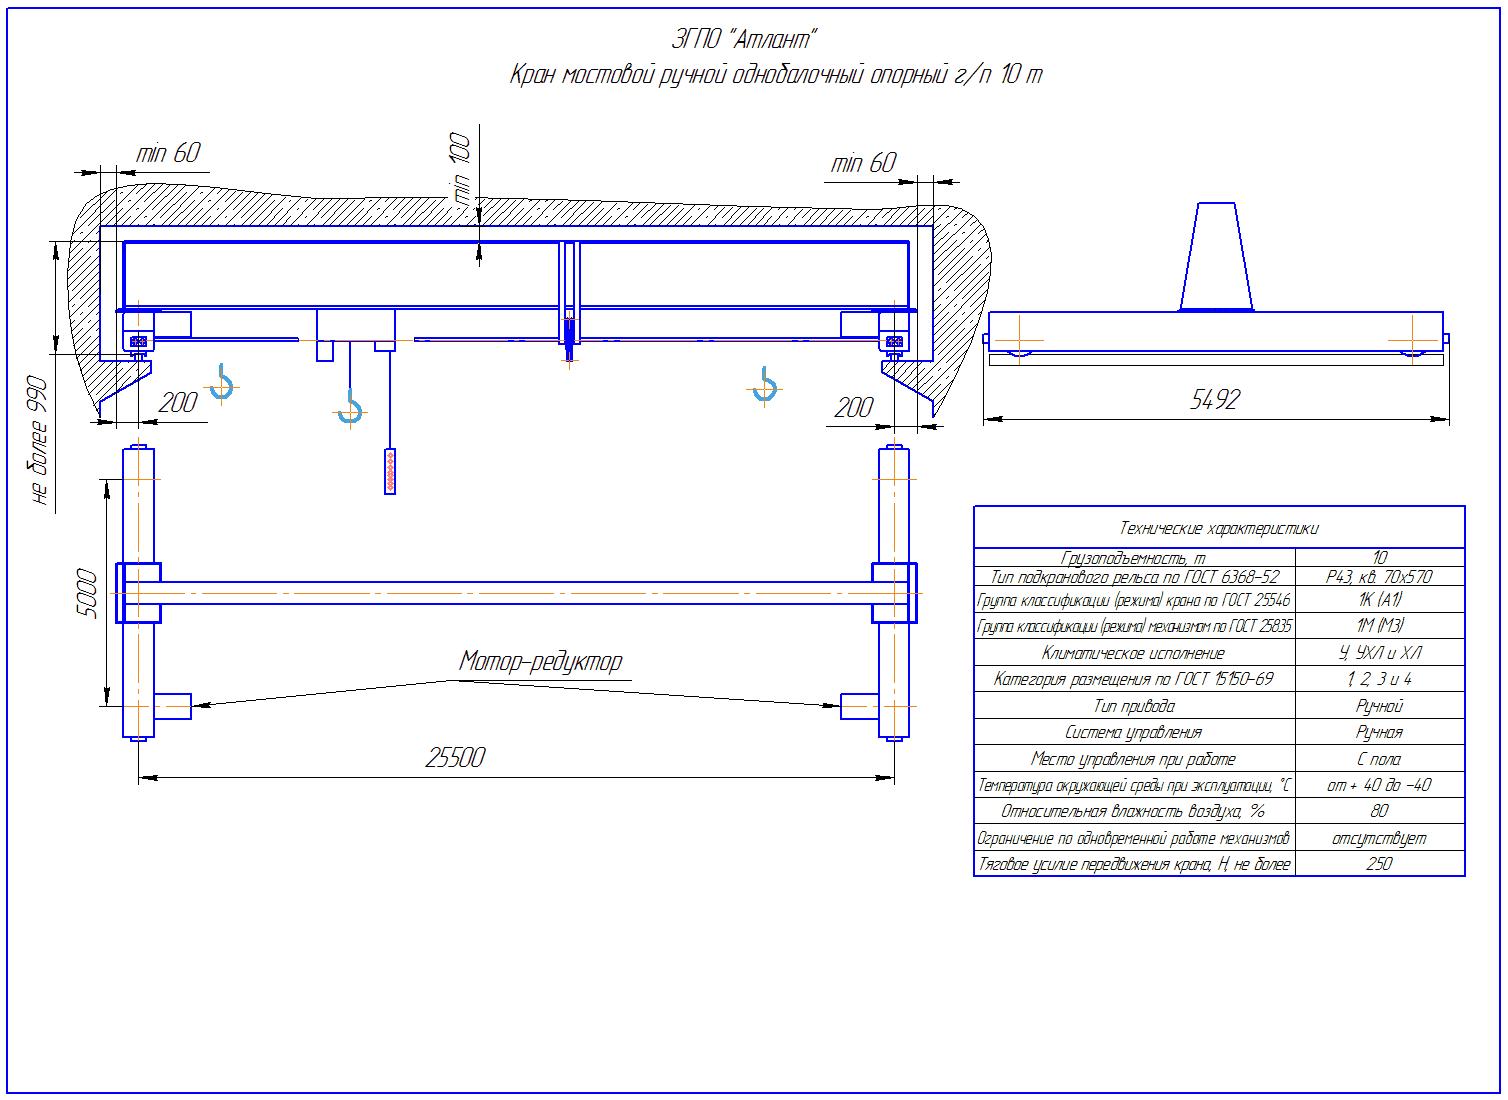 KRMOO 10 255 - Кран ручной мостовой опорный однобалочный